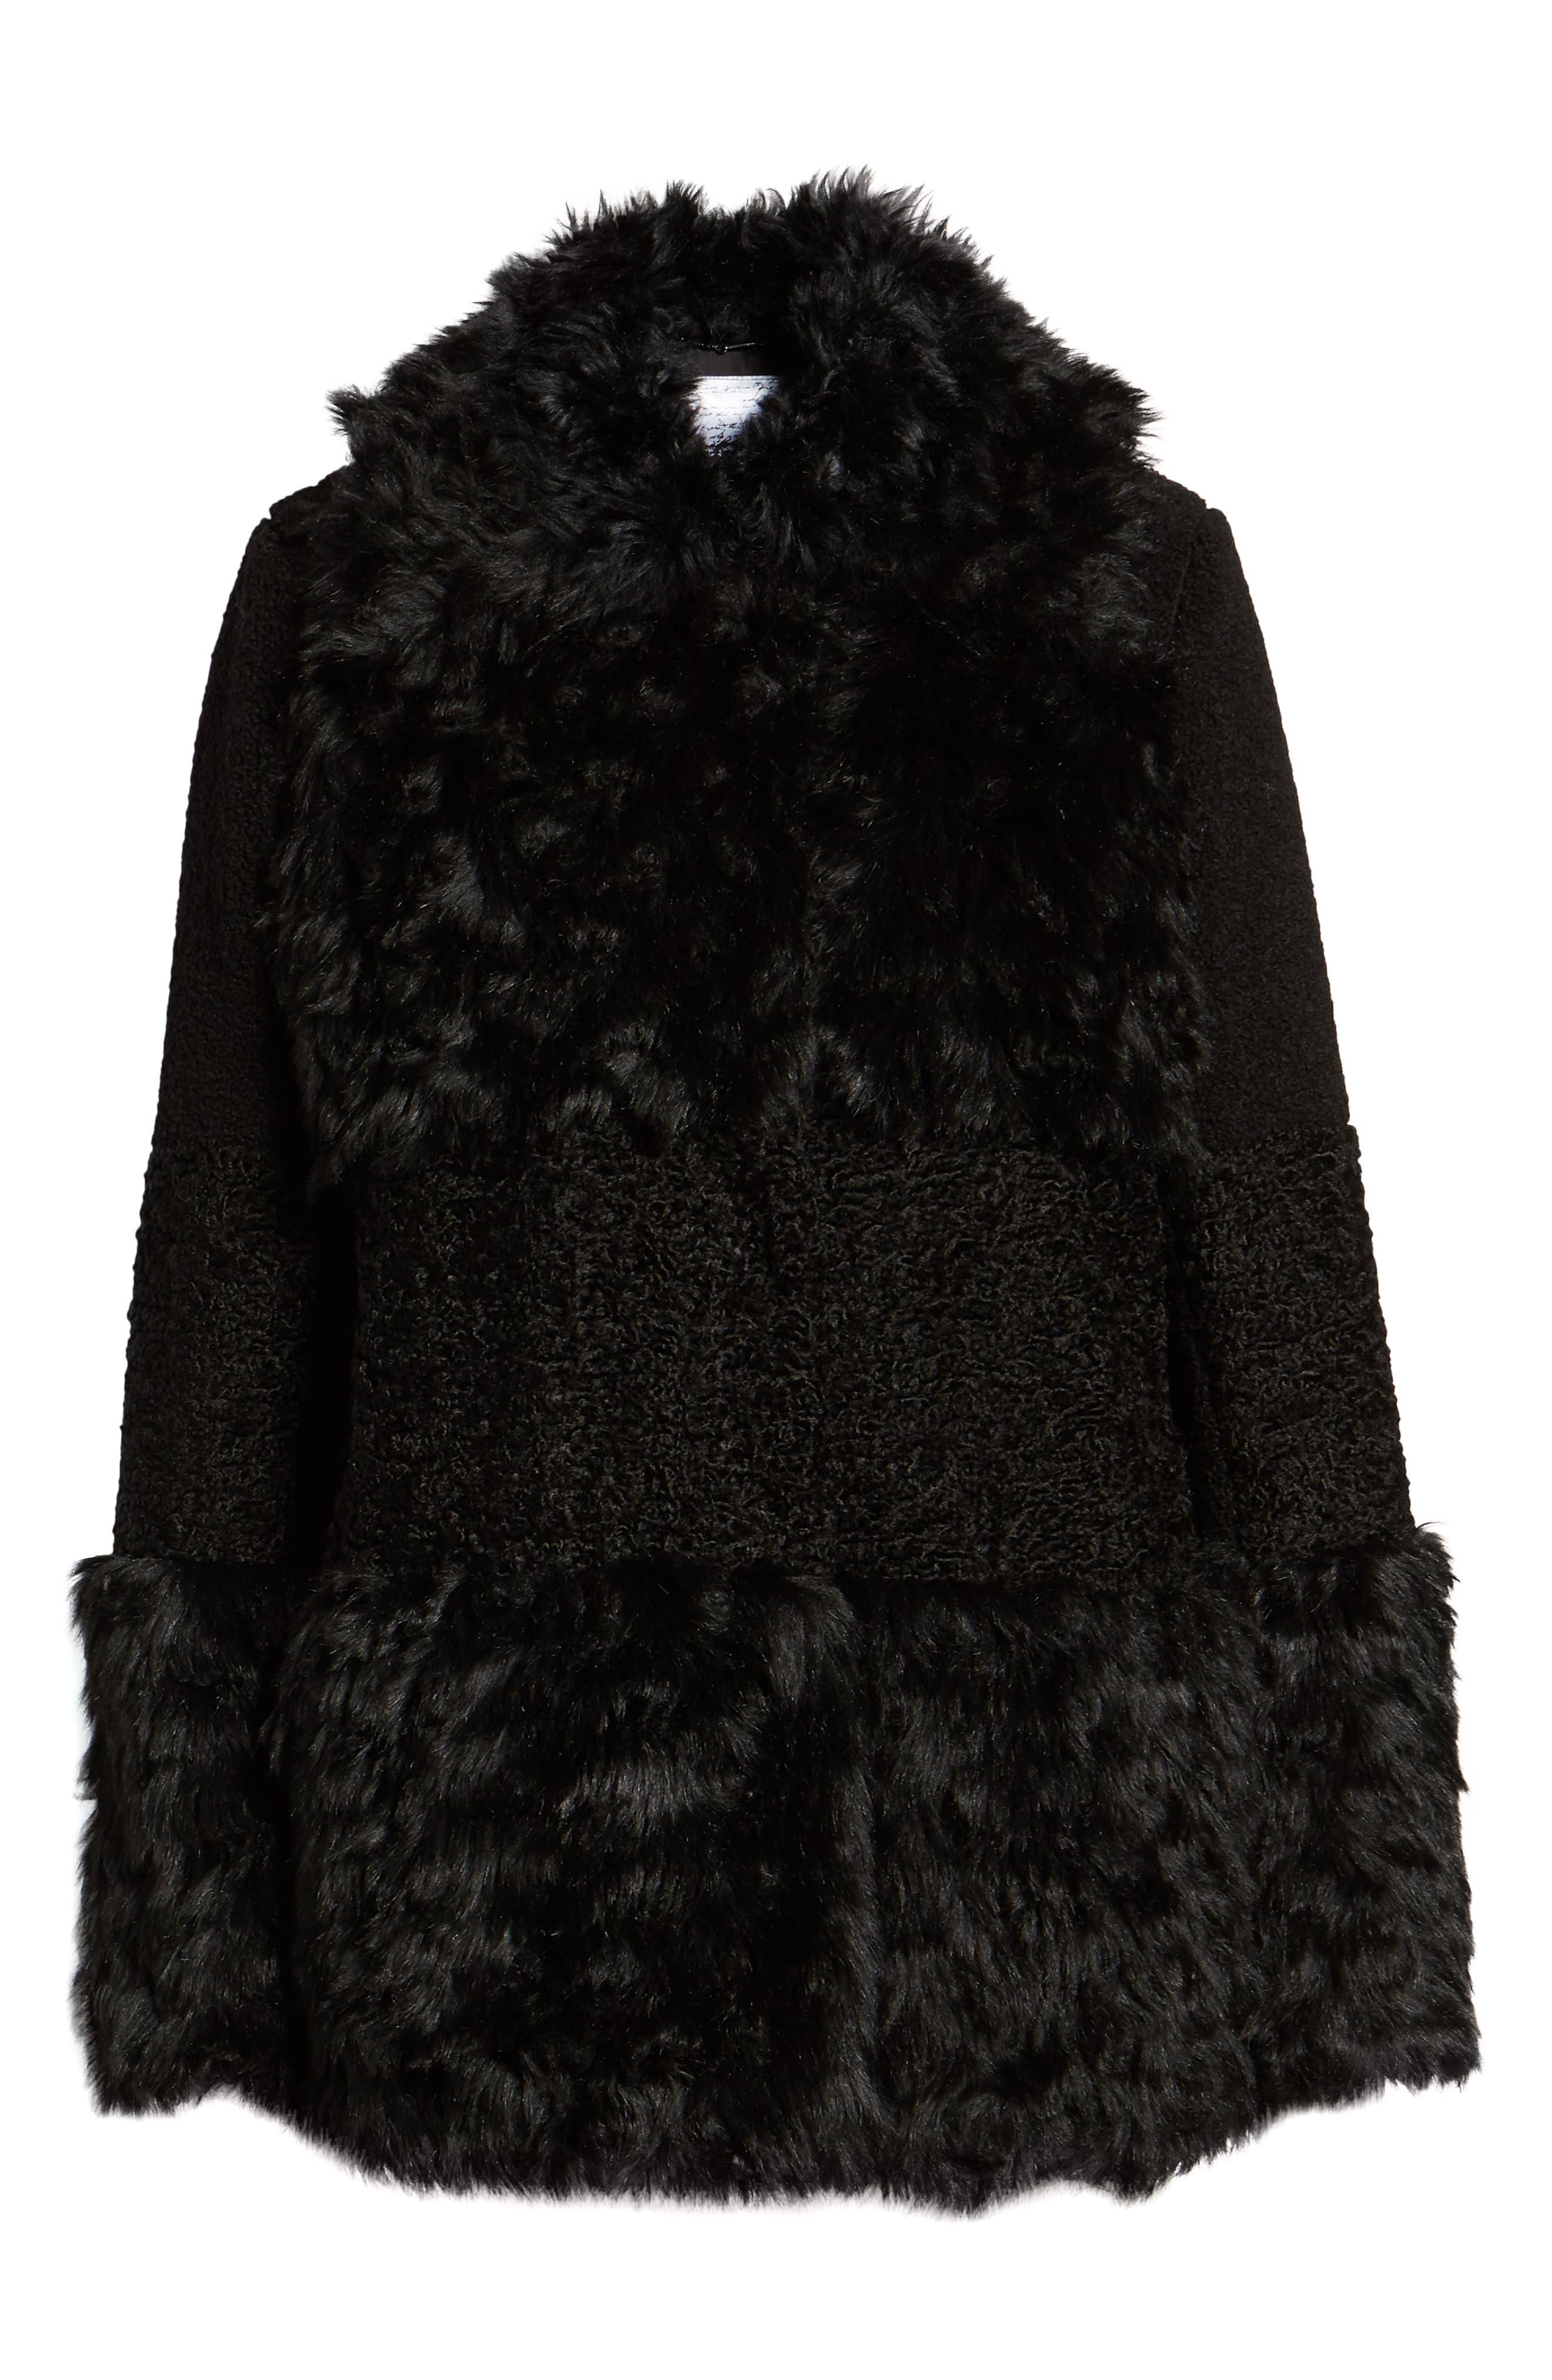 KENSIE, Faux Fur Patchwork Coat, Alternate thumbnail 6, color, 001